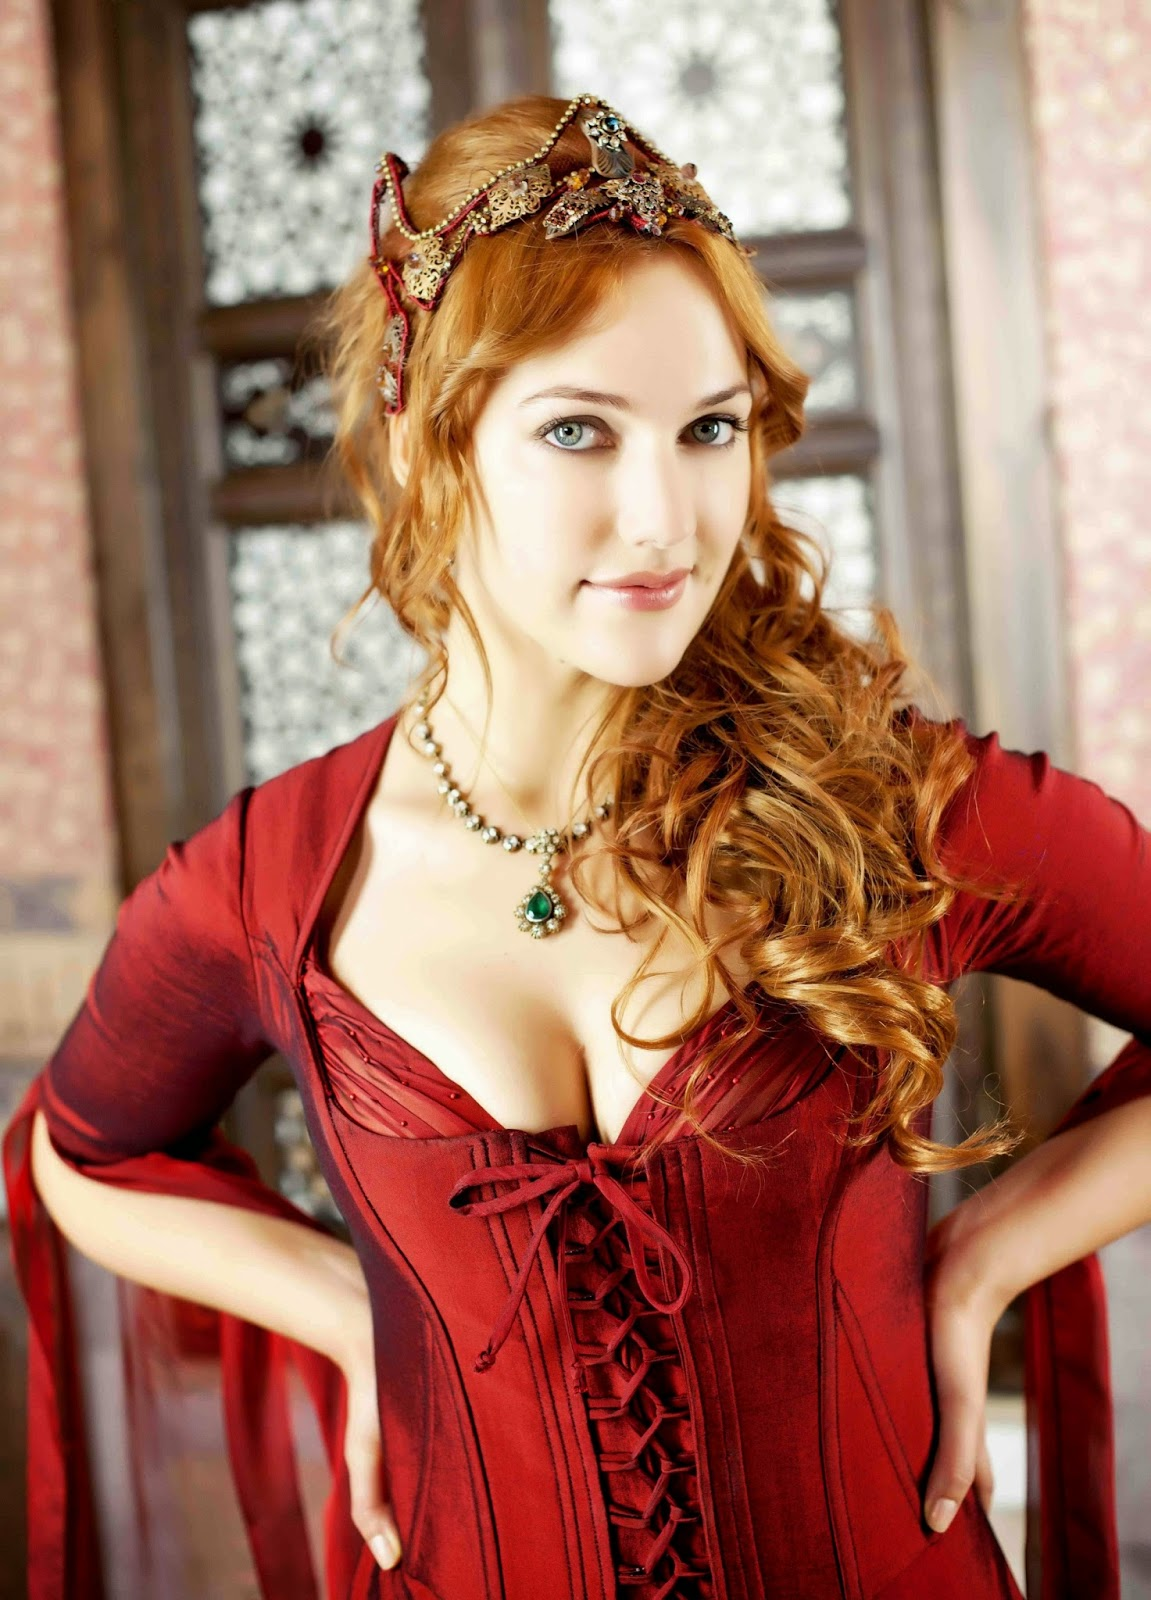 Meryem Uzerli sebagai Hurrem Sultan